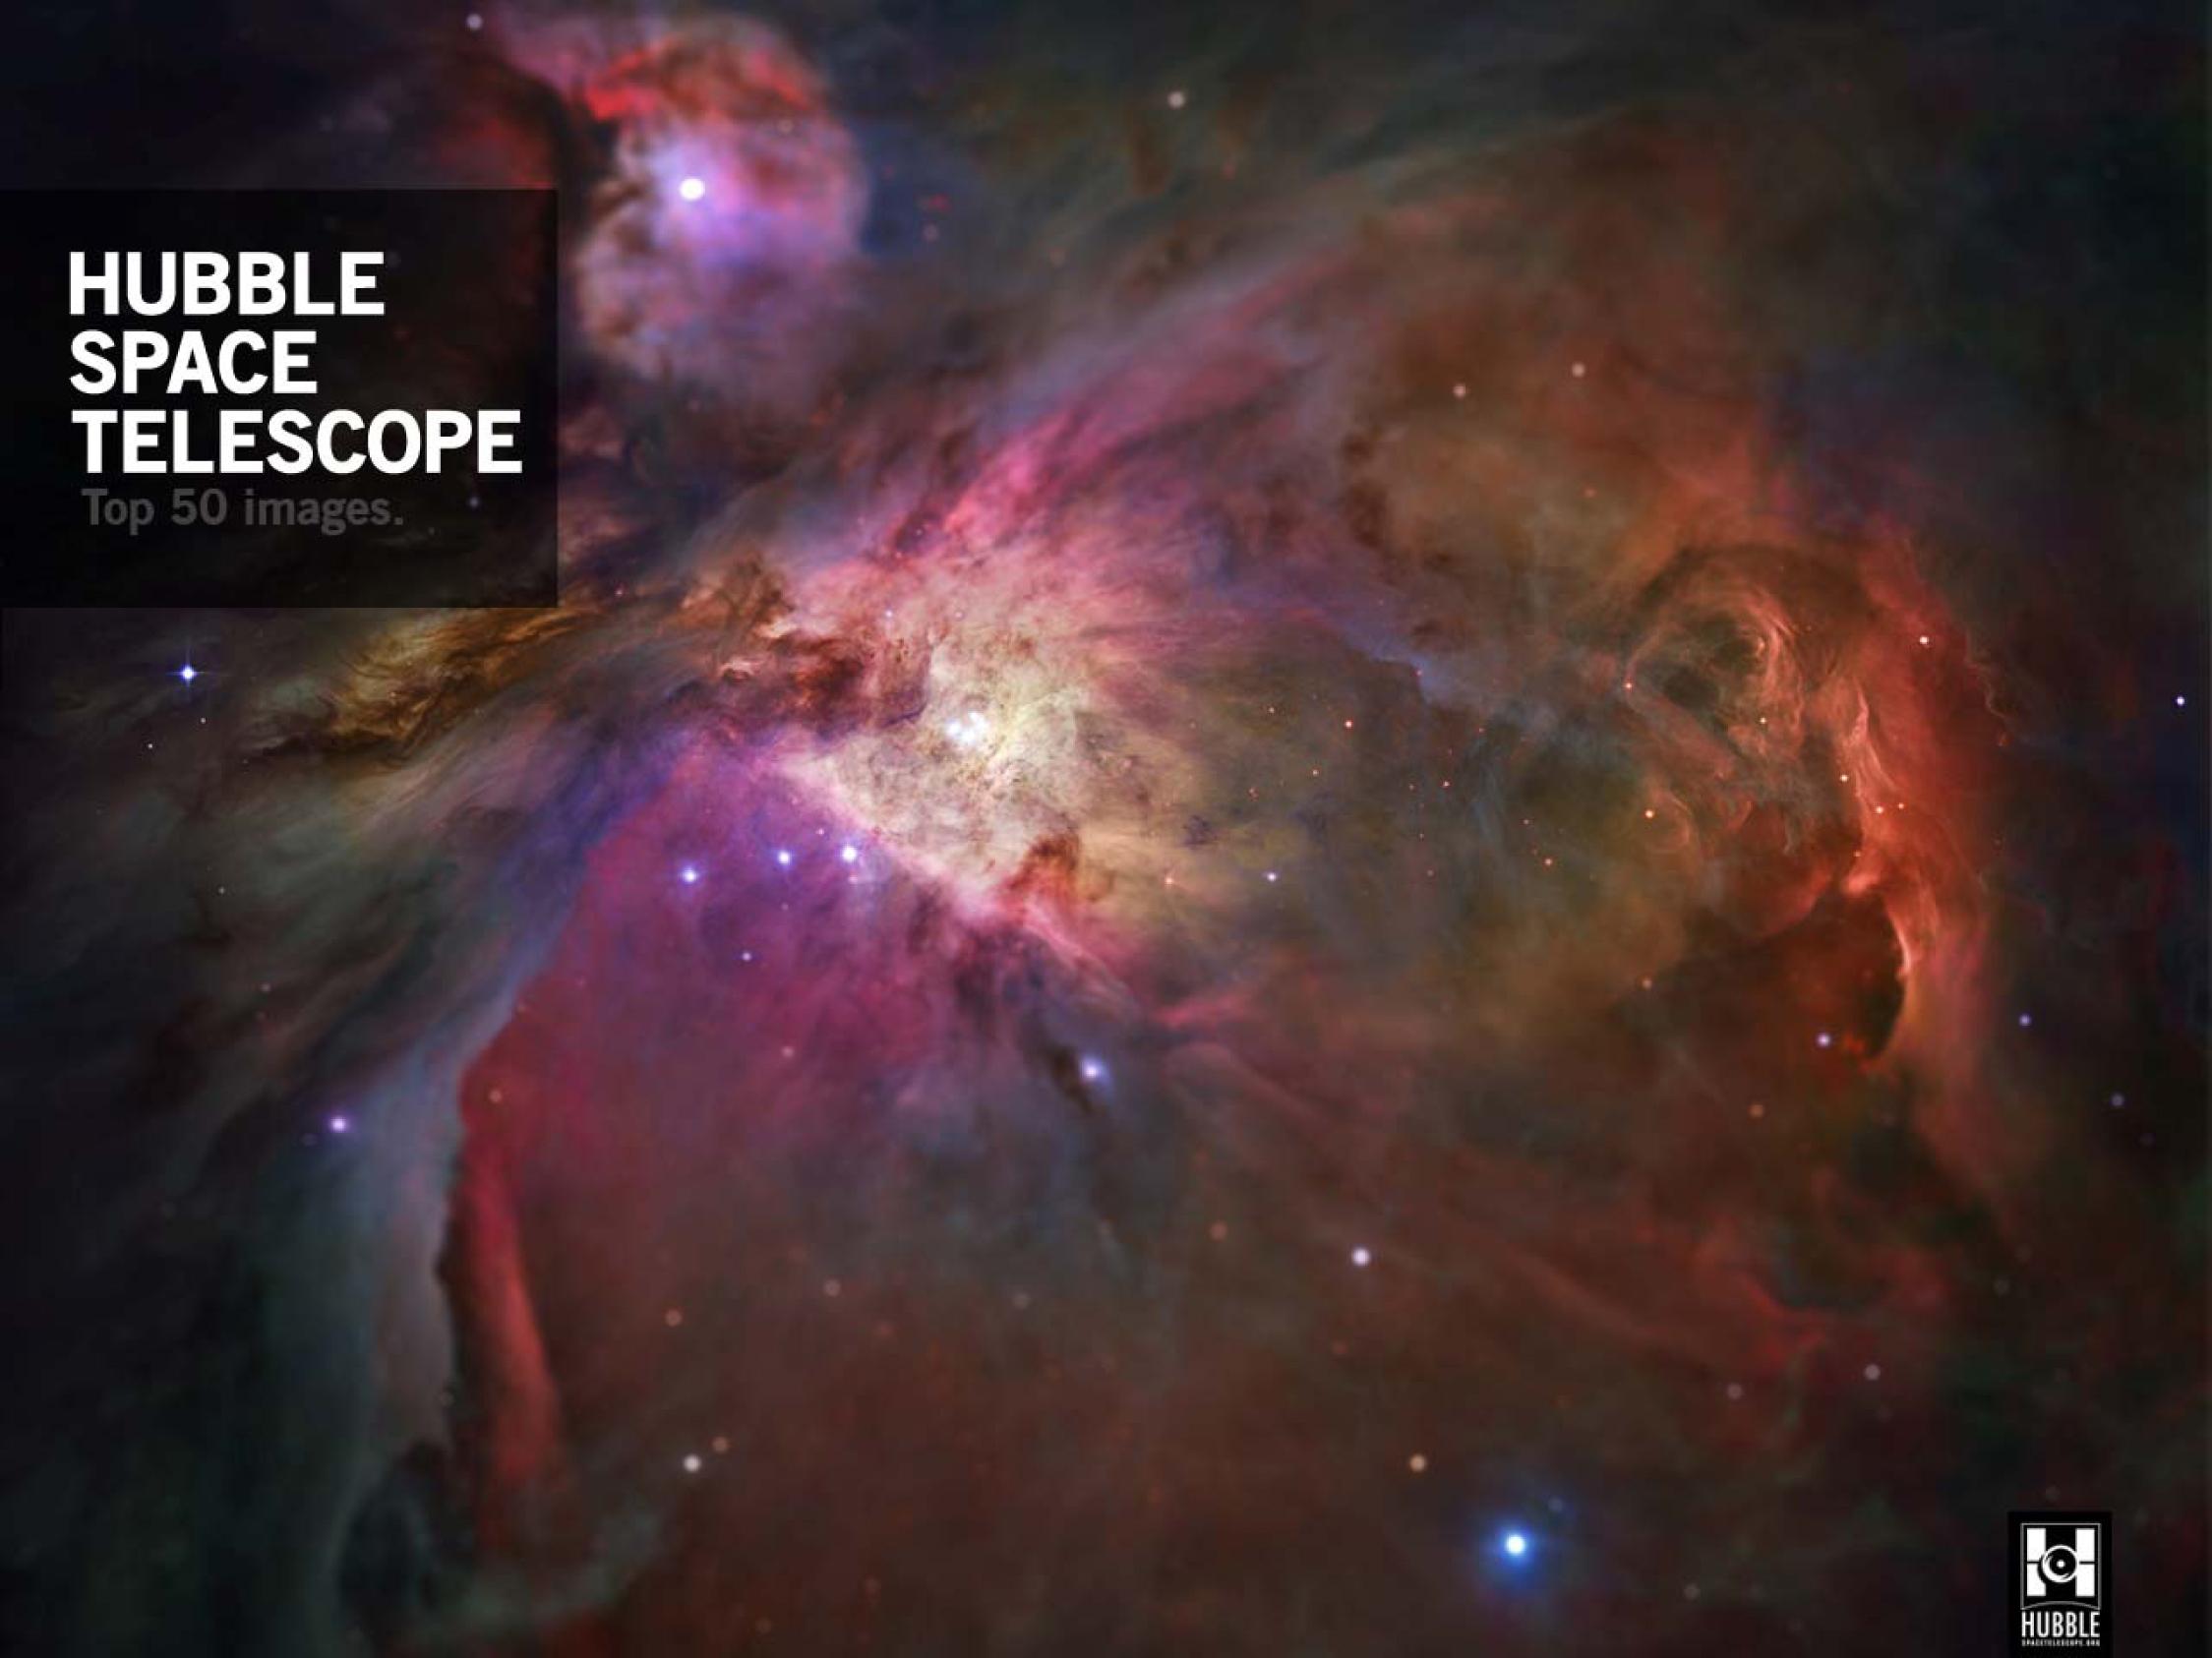 hubble space telescope top 50 images | esa/hubble